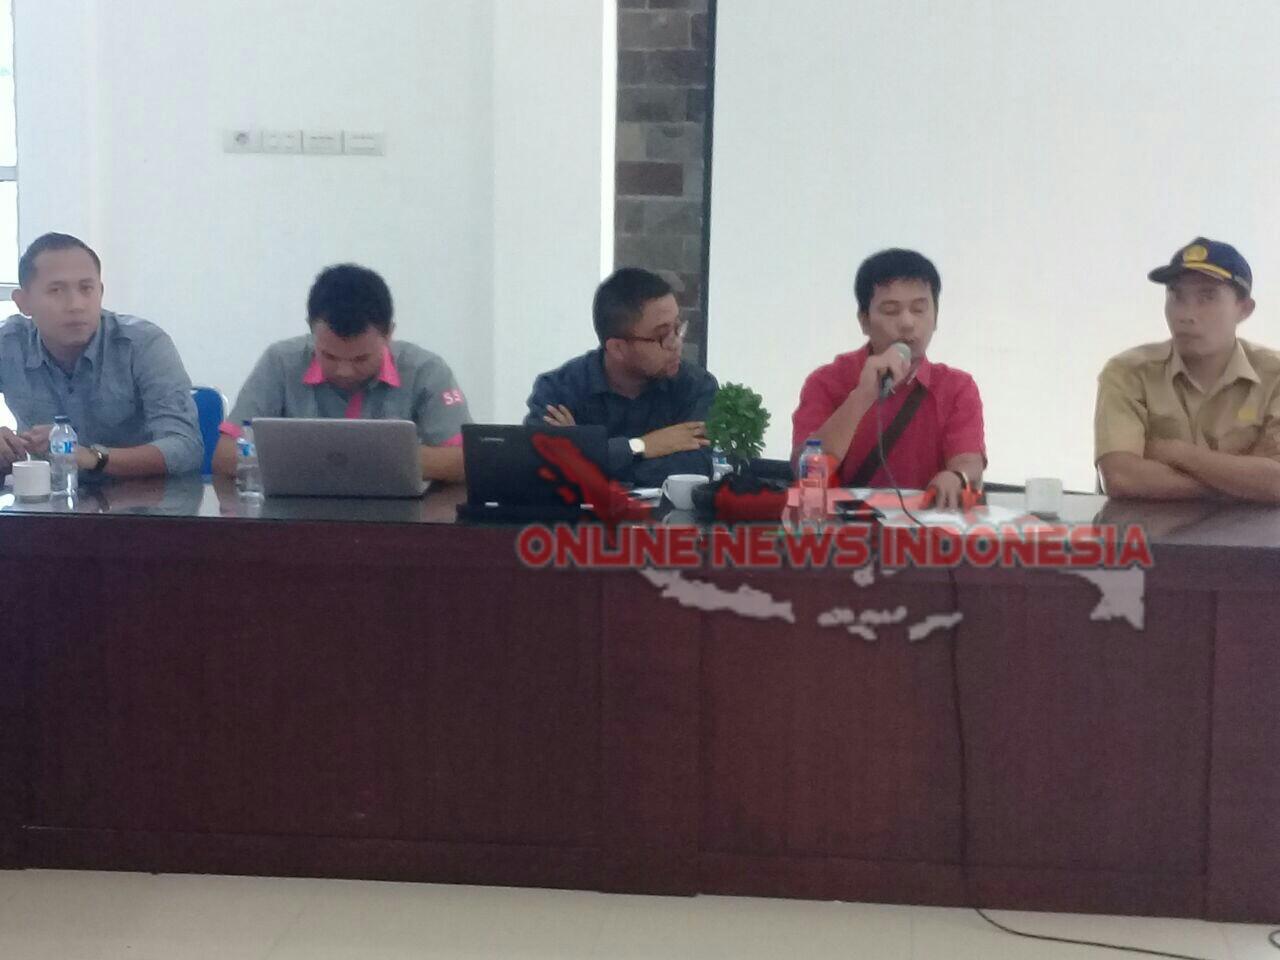 Foto : Agen rekanan PT. Pertamina Persero, CV.Polten (baju merah) dalam arahannya kepada para pangkalan untuk mematuhi peraruran yang berlaku perihal harga eceran LPG bersubsidi 3 Kg.